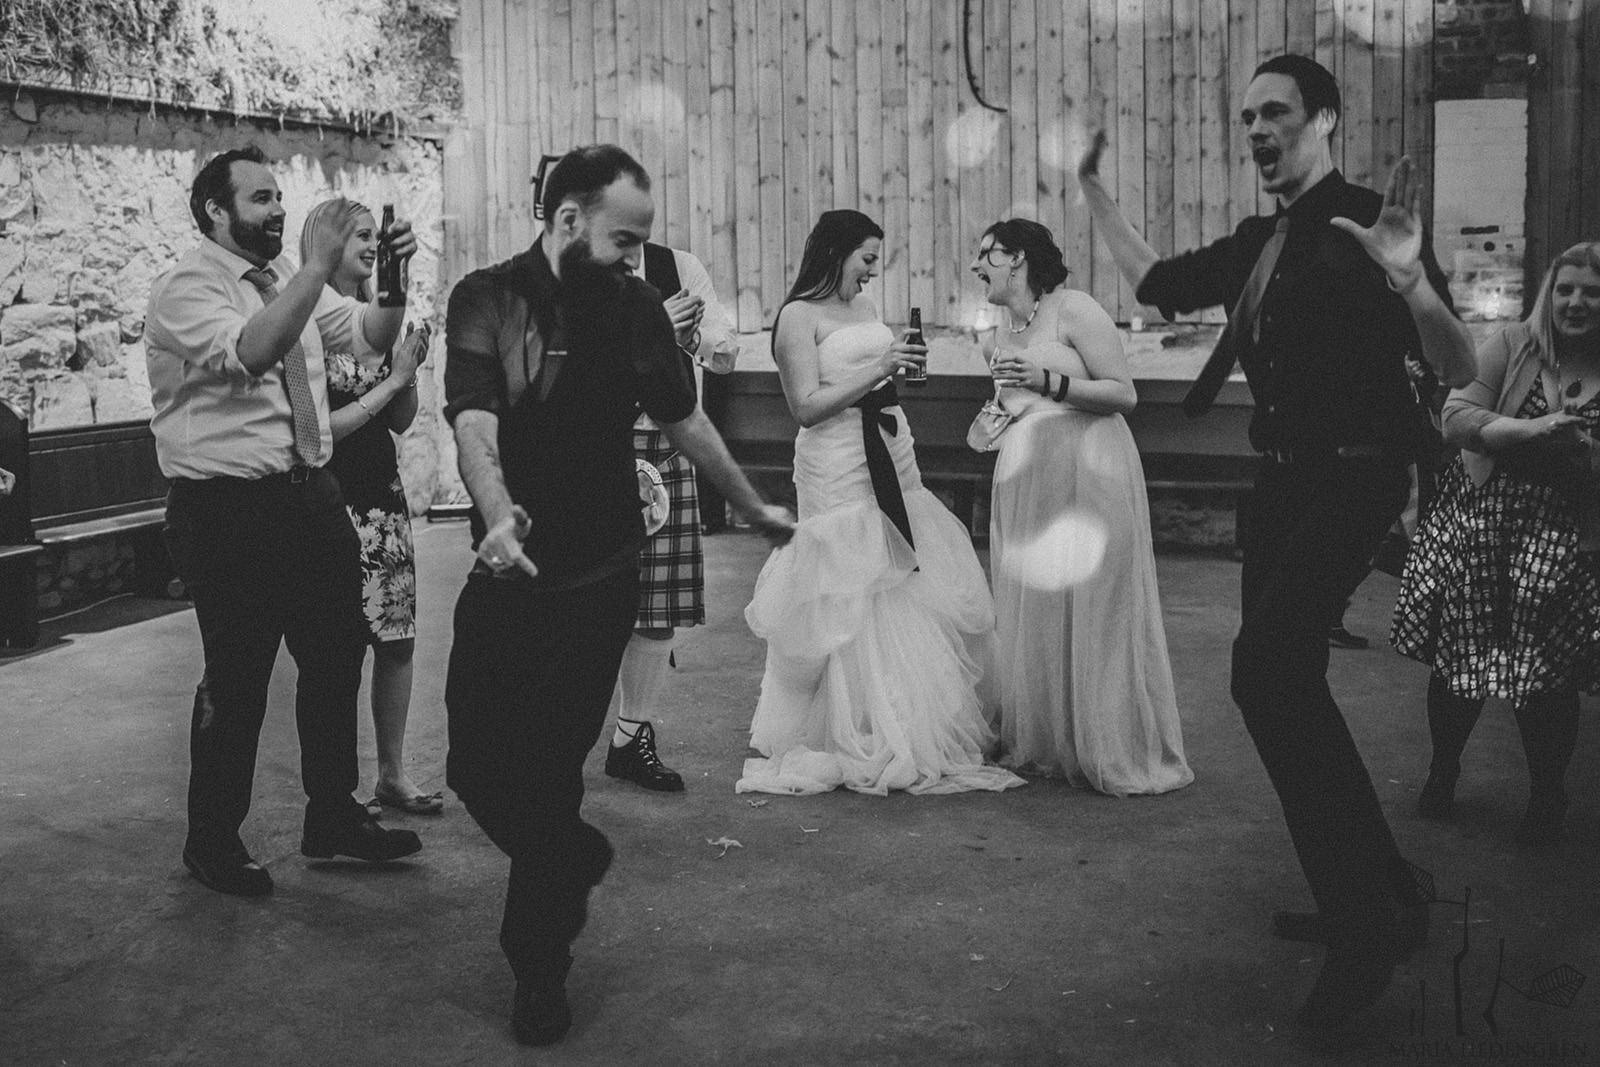 Wedding Ceilidh dancing